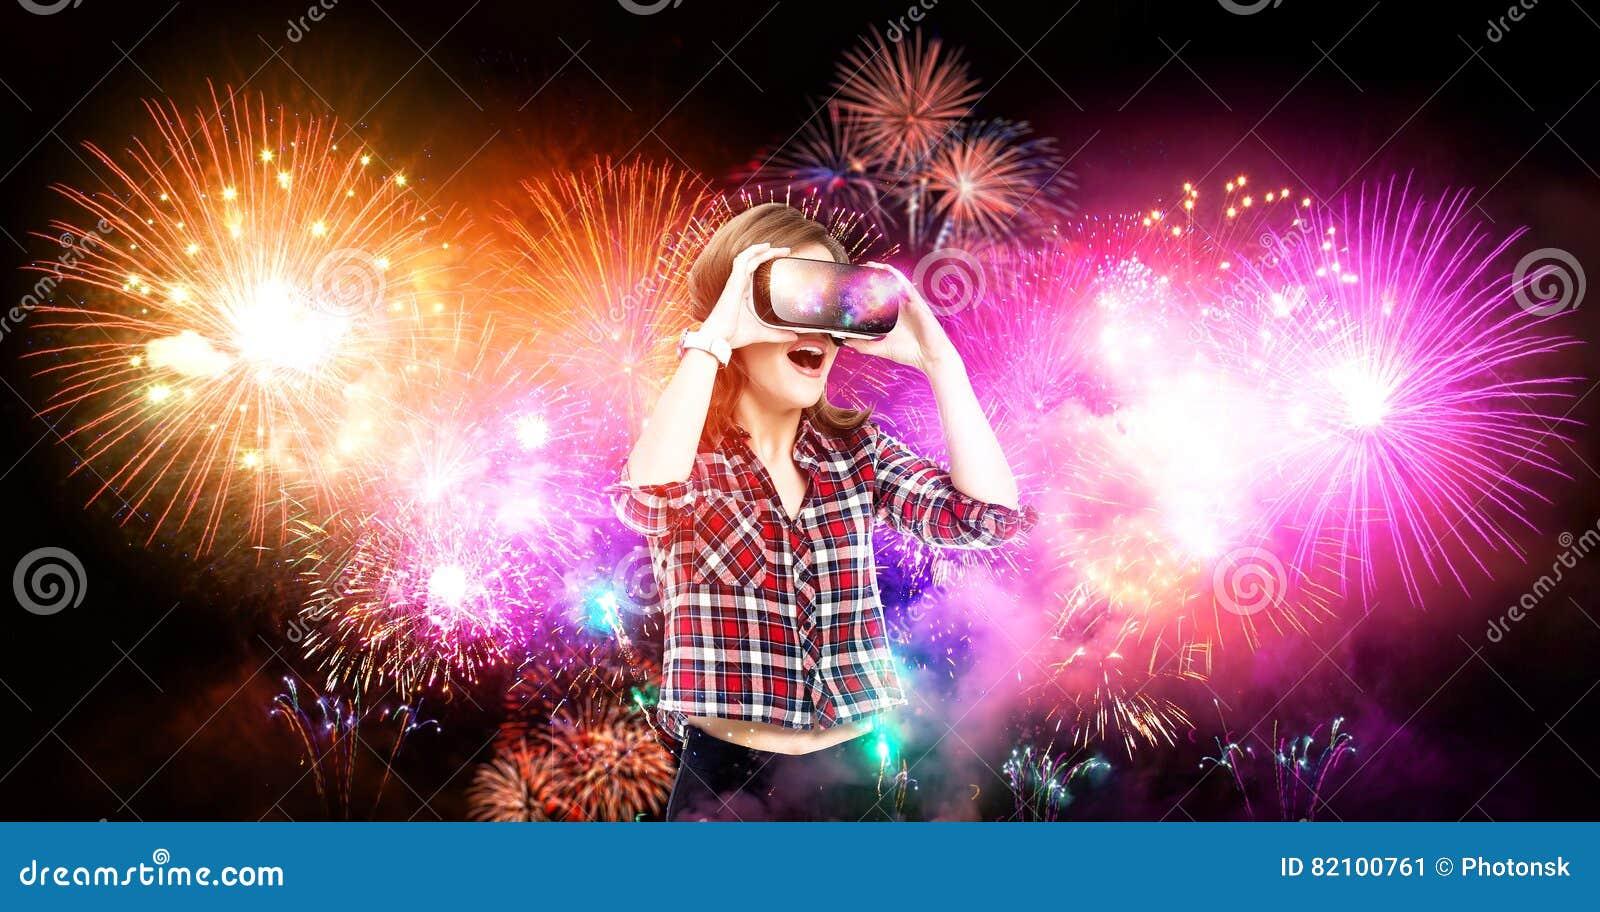 Двойная экспозиция, девушка получая опыт используя стекла VR, находящся в виртуальной реальности, наблюдая фейерверках